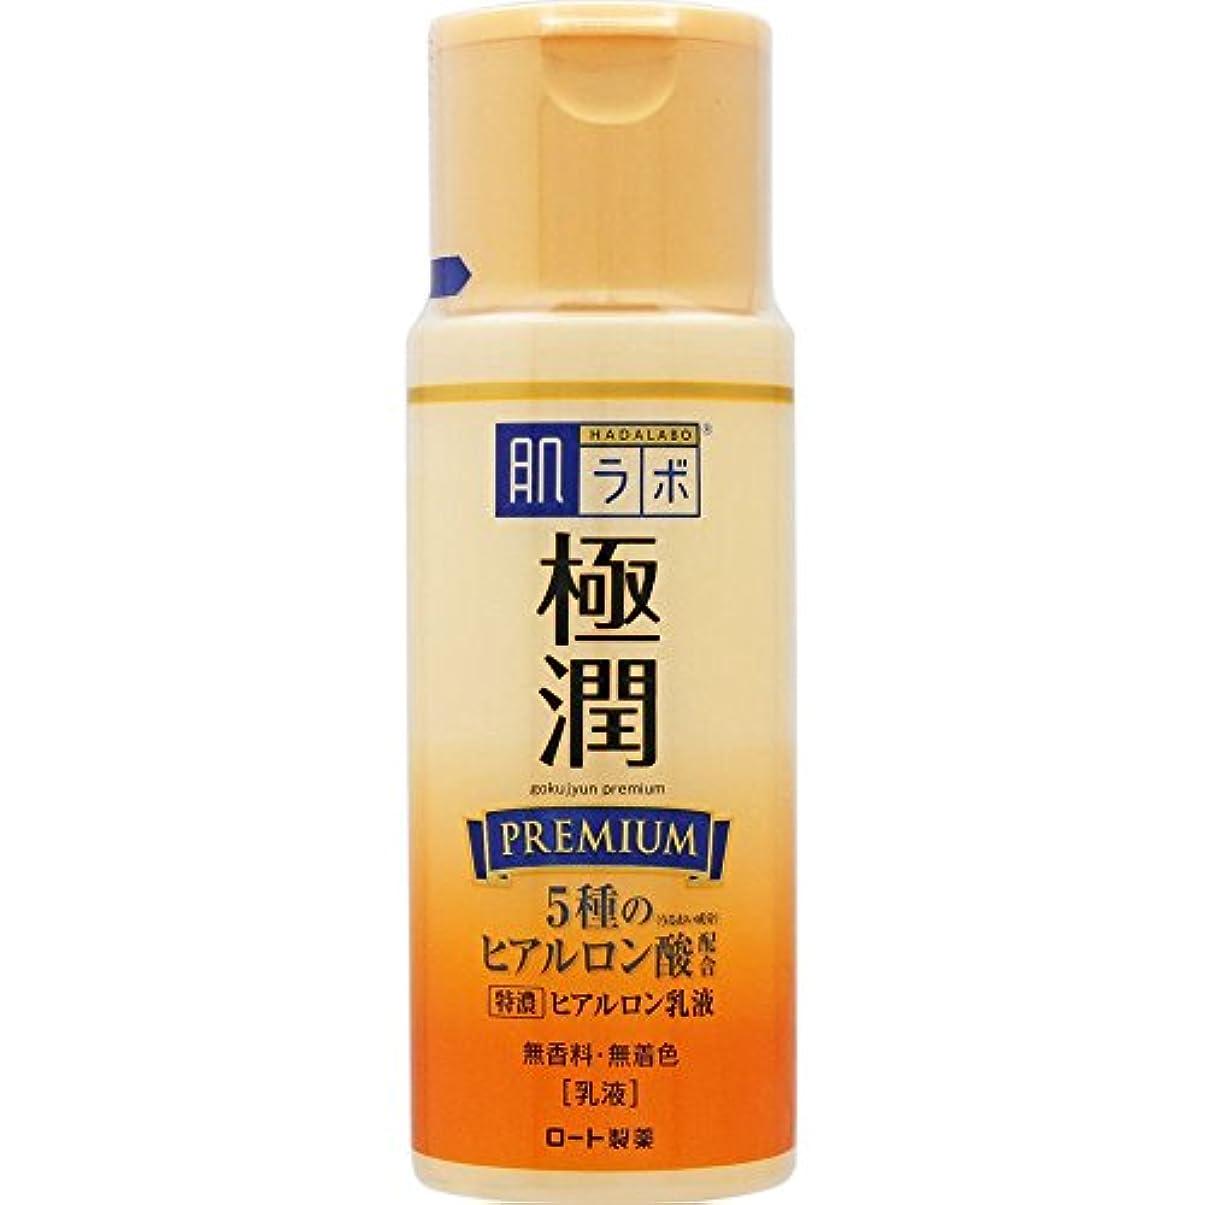 楽しませるニンニク汚れる肌ラボ 極潤プレミアム 特濃ヒアルロン乳液 ヒアルロン酸5種類×サクラン配合 140ml